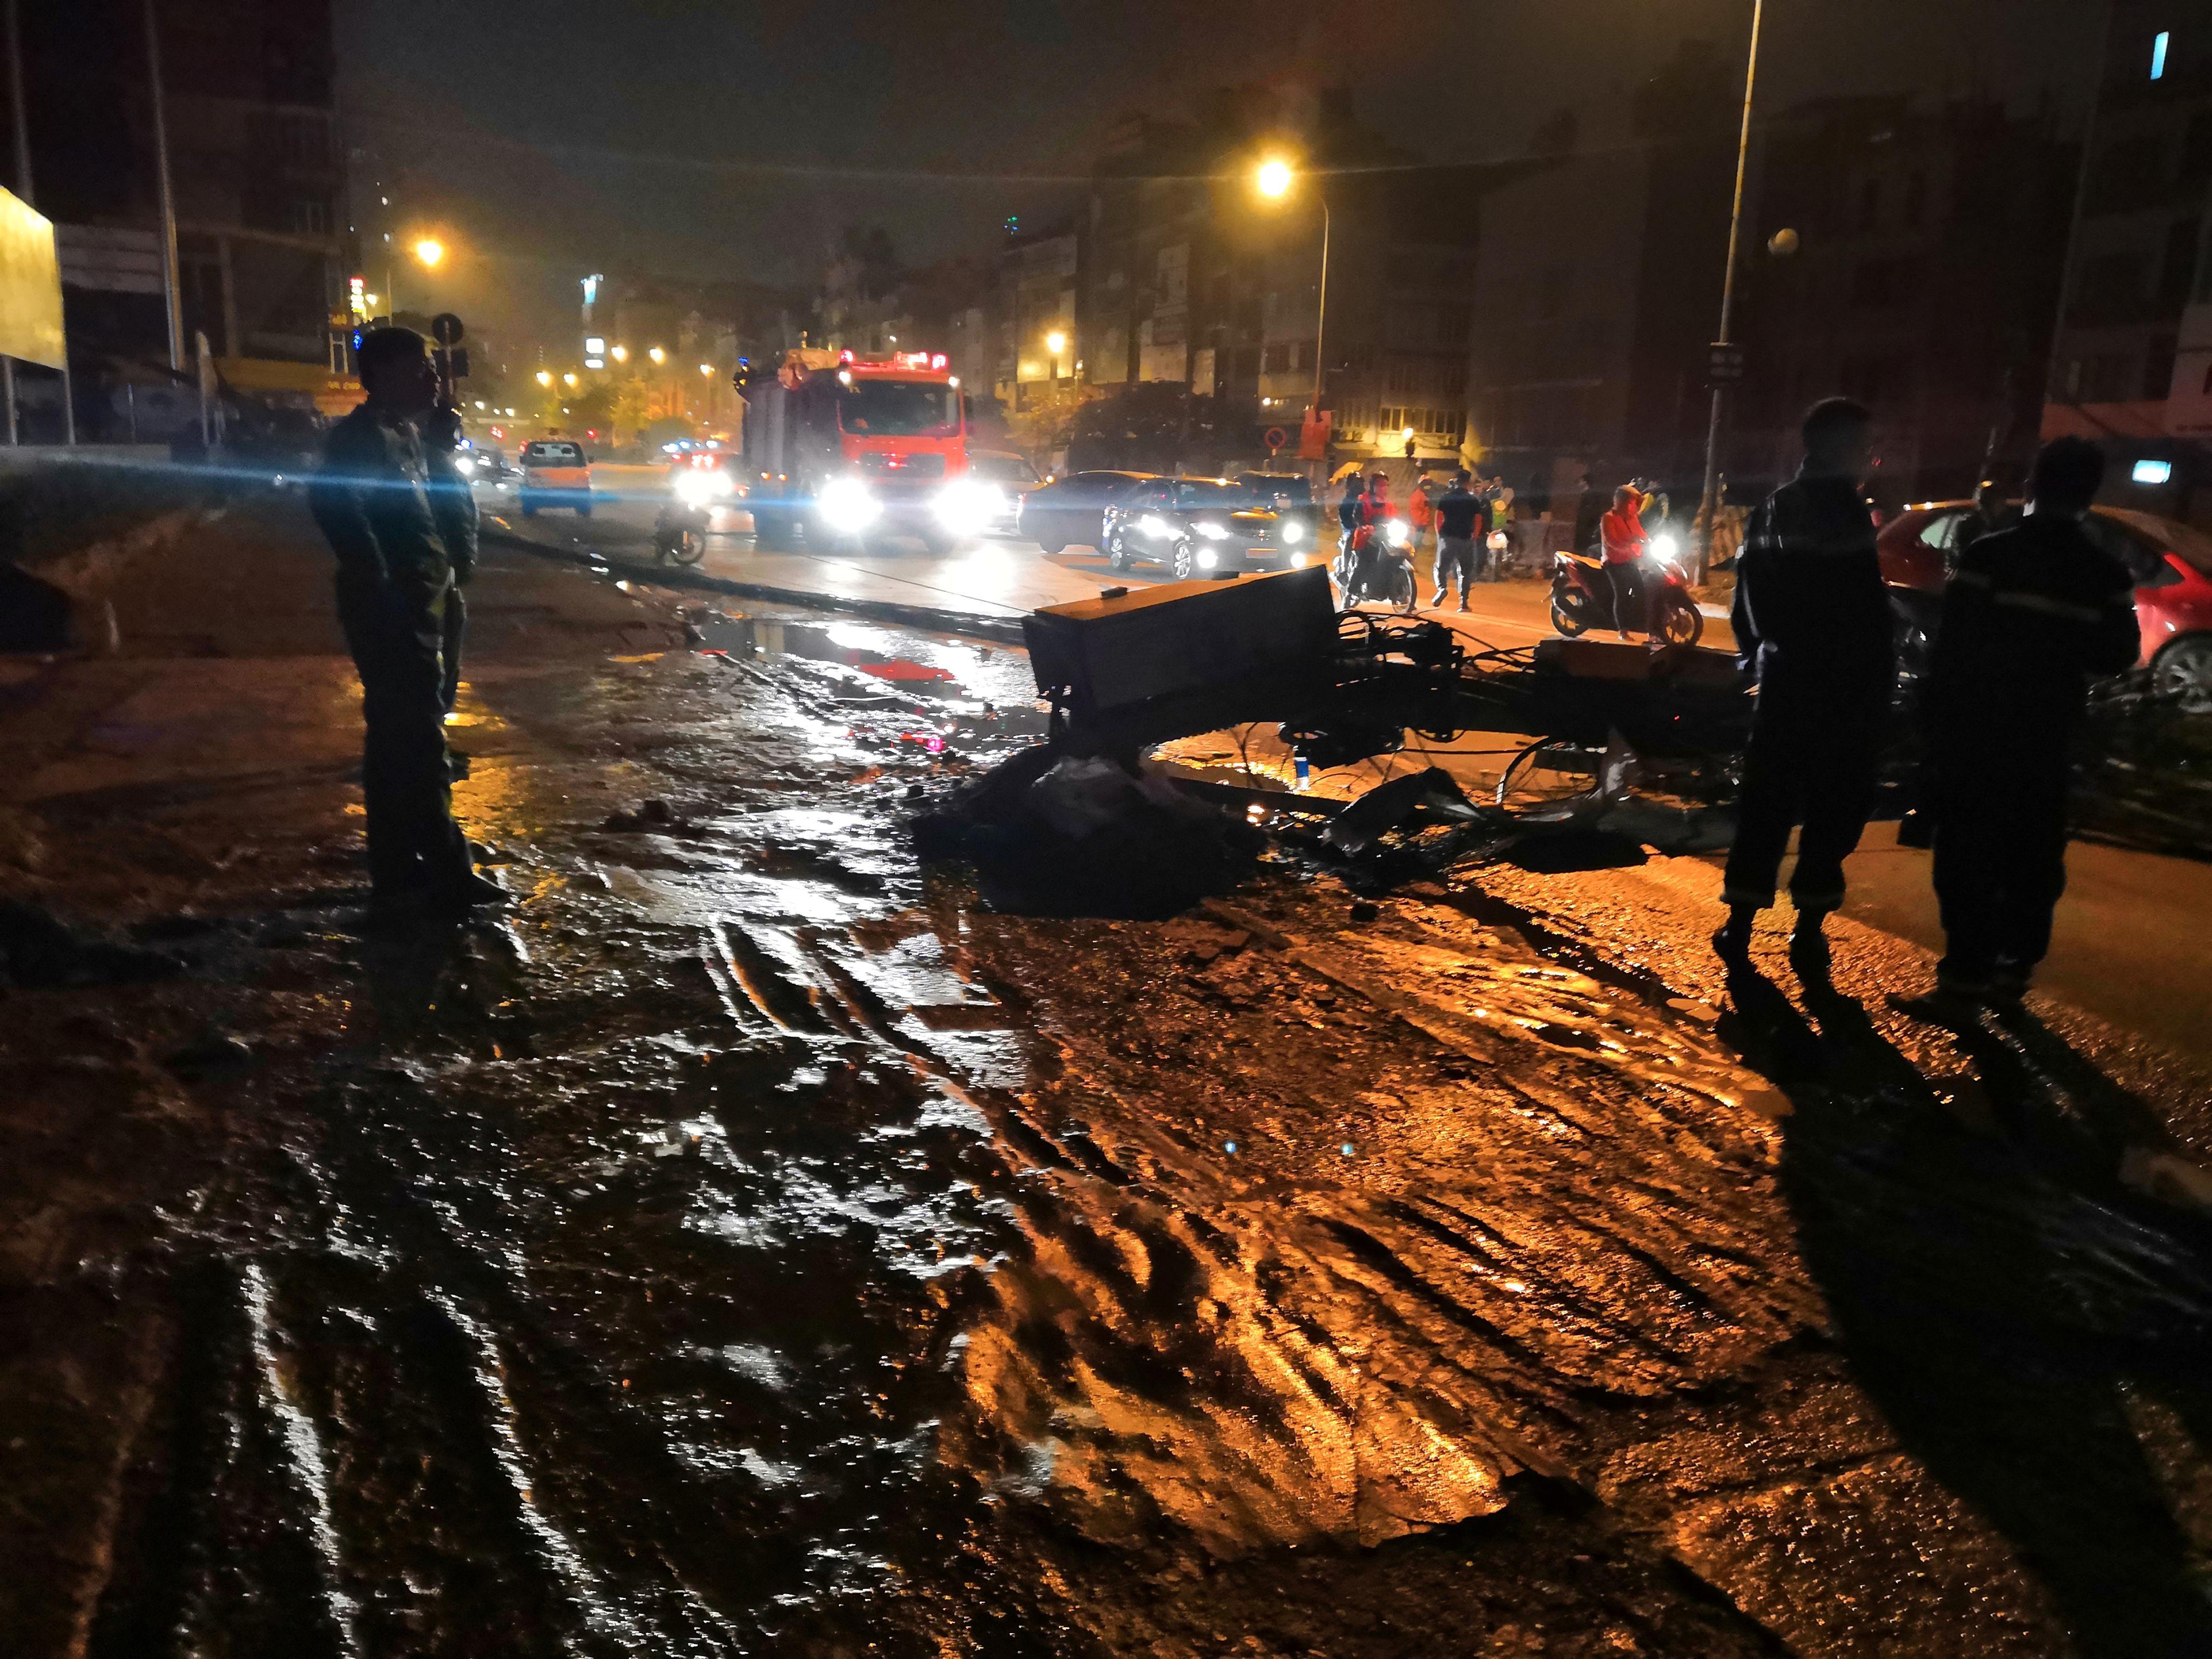 Xe bồn chở xăng kéo đổ 4 cột điện trong đêm, nhiều hộ dân mất điện Ảnh 7